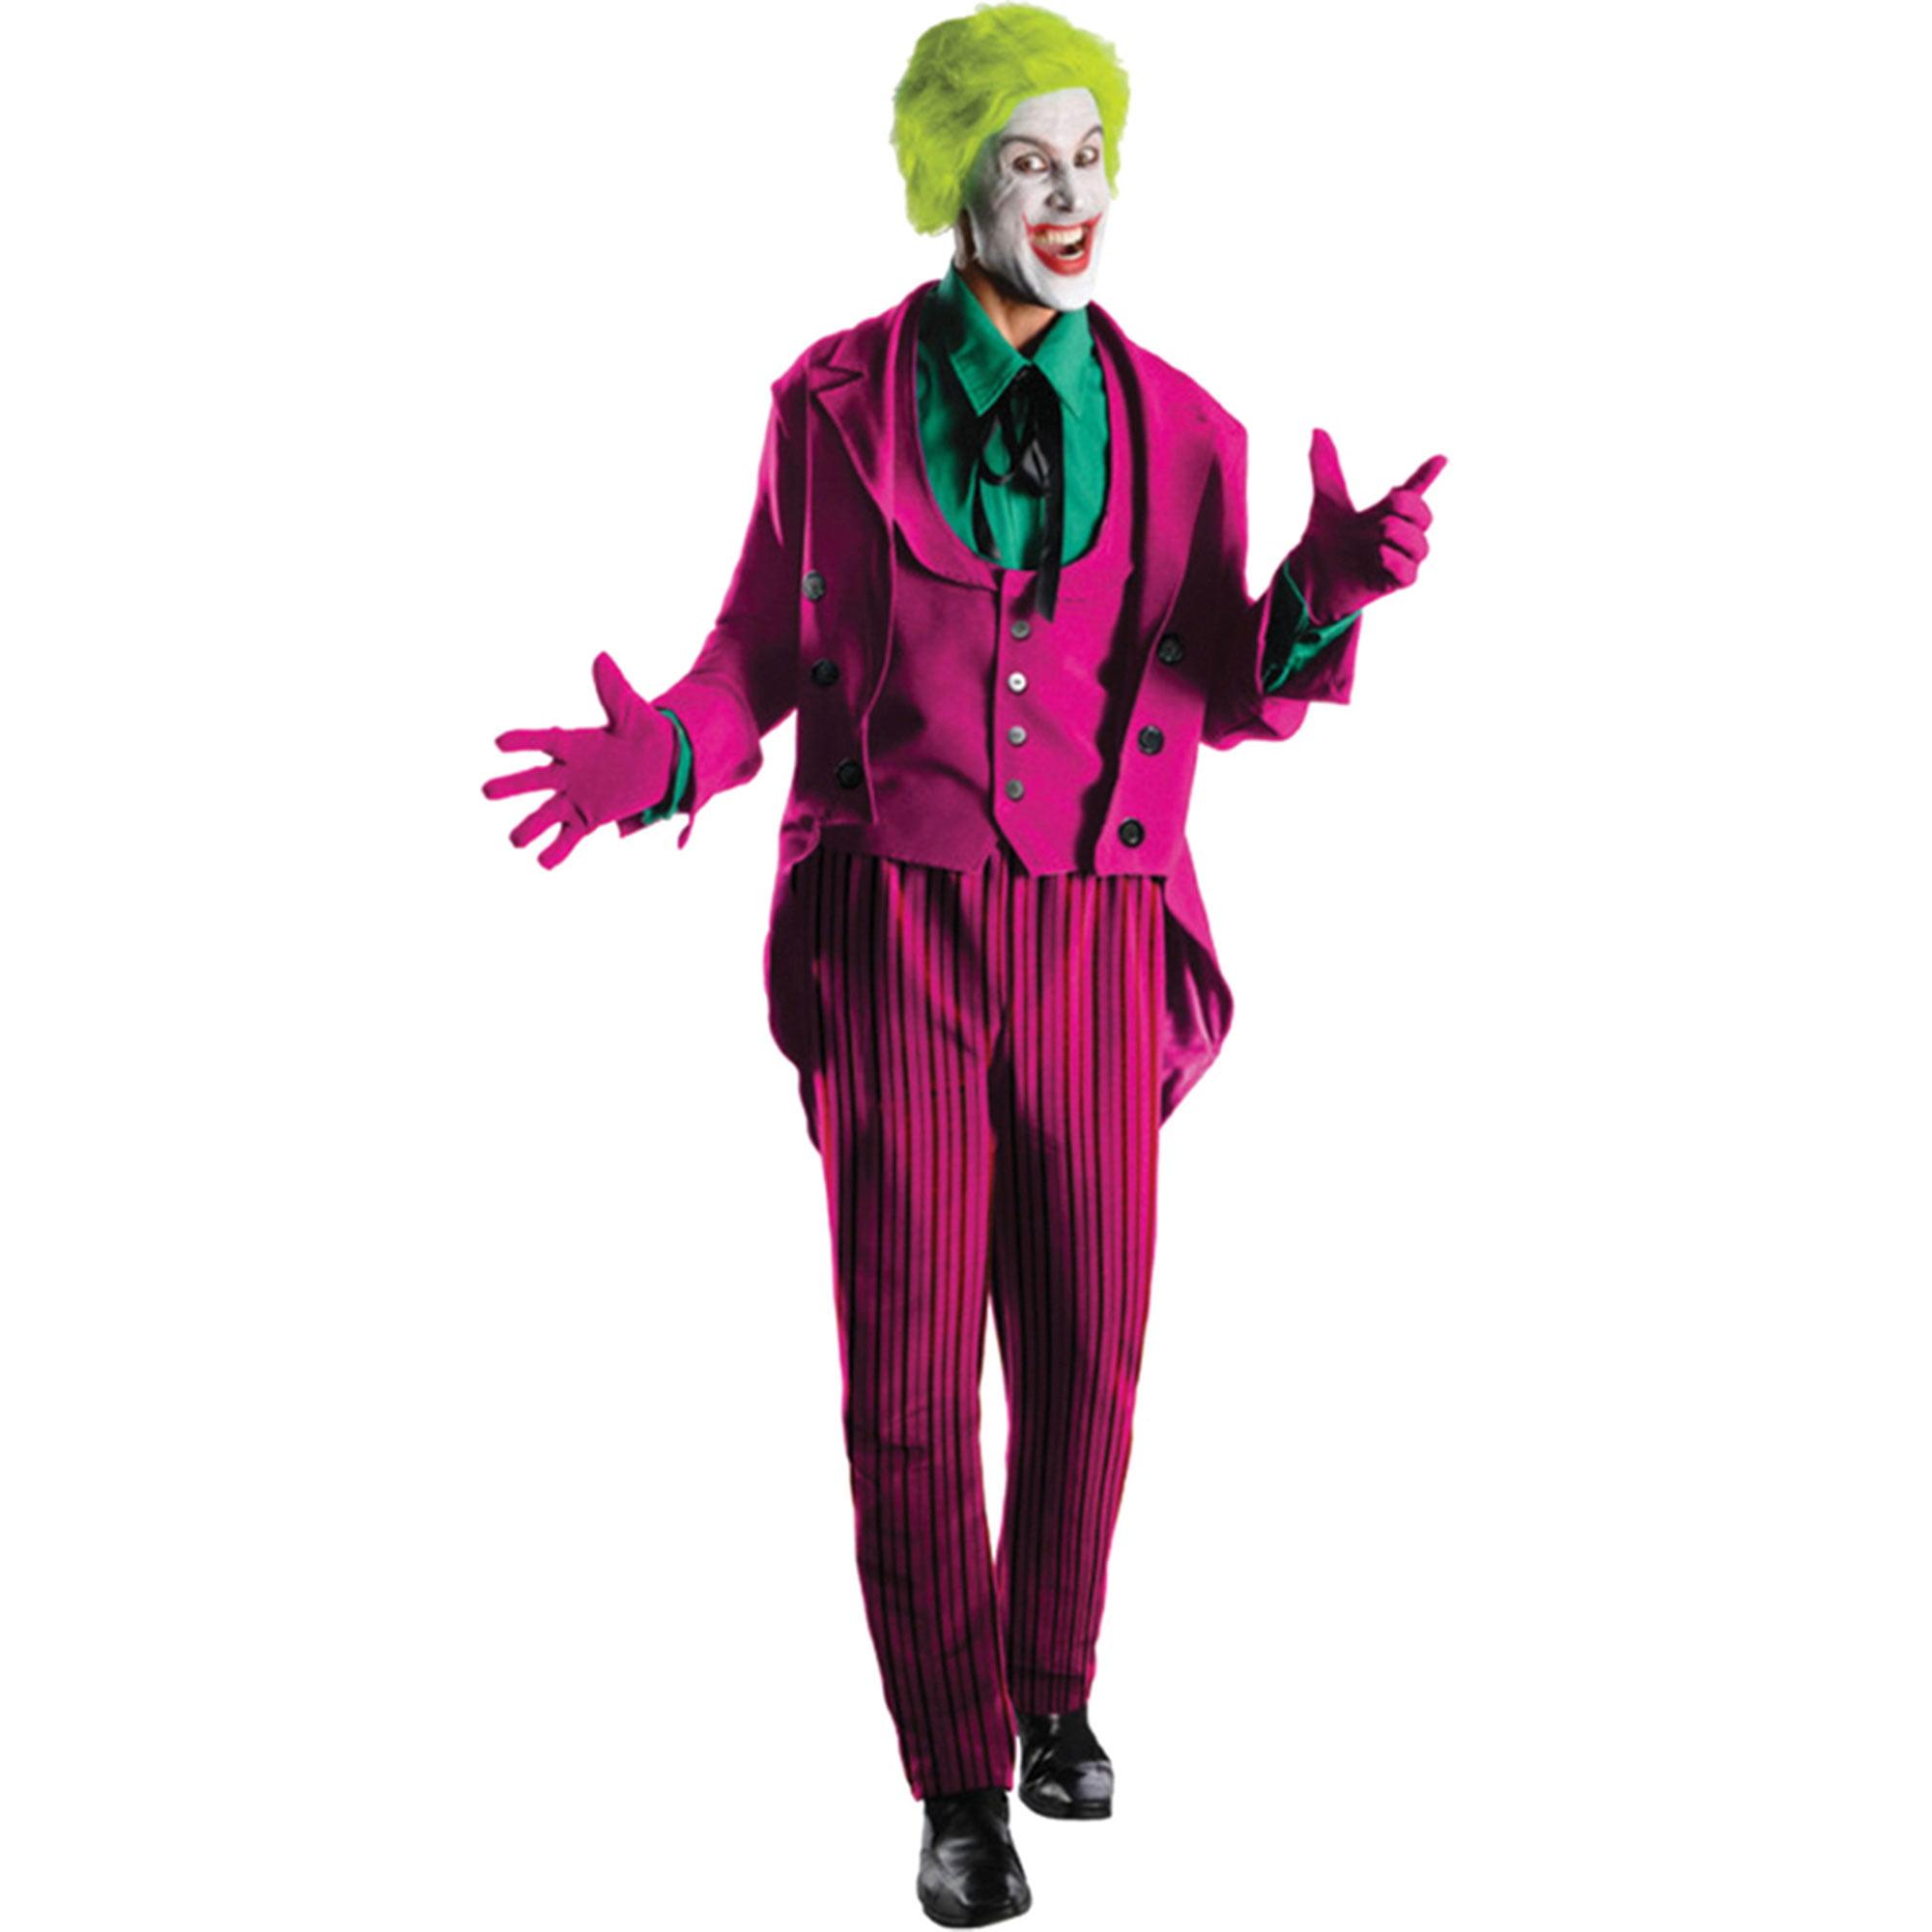 Morris Costumes Mens Superheroes & Villains Batman Joker Heritage 44, Style RU887209